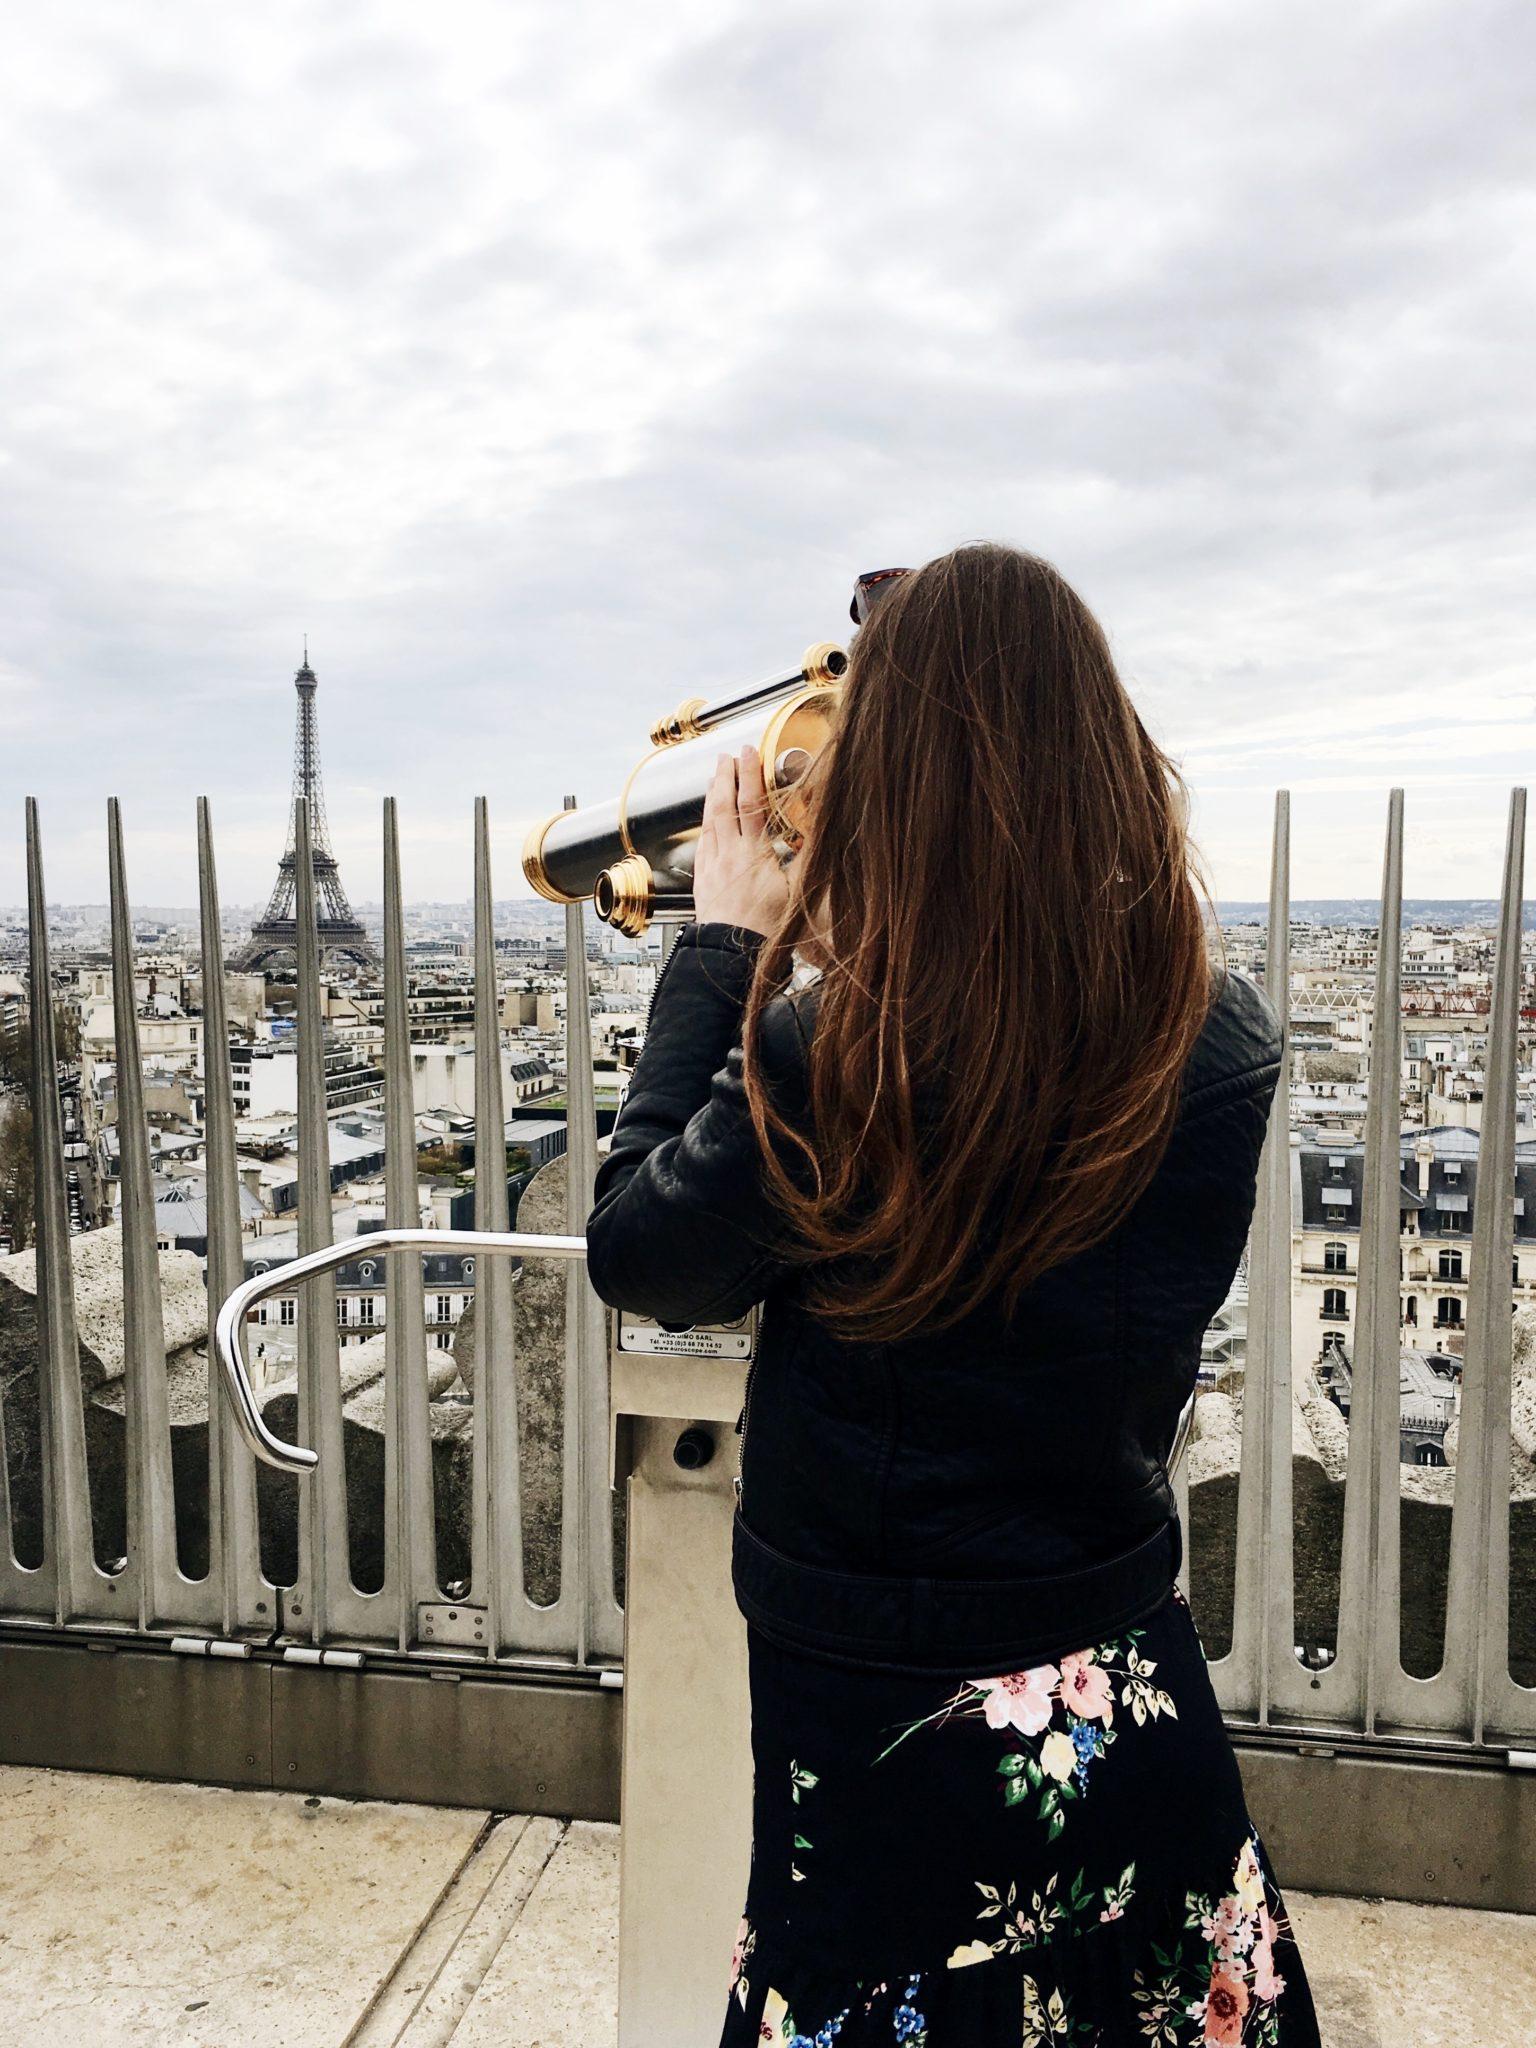 łuk tryumfalny widok punkt widokowy Paryż